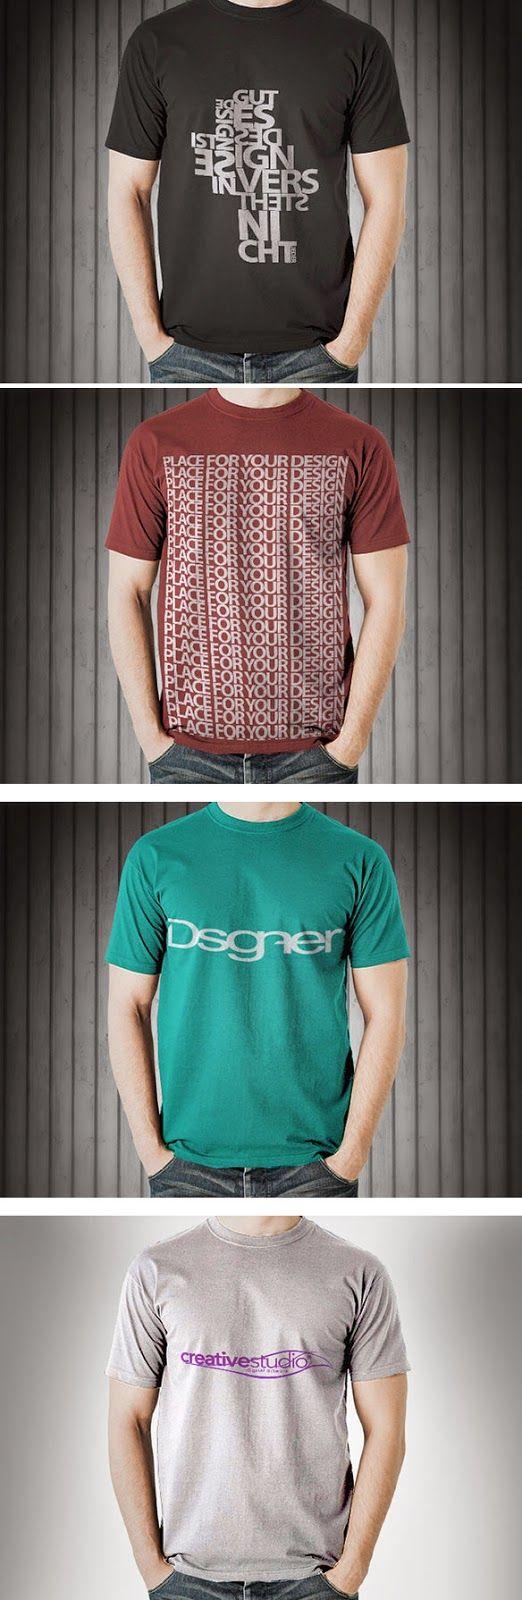 Design t shirt maker free - T Shirts Mockup Free Psd Mais No Site